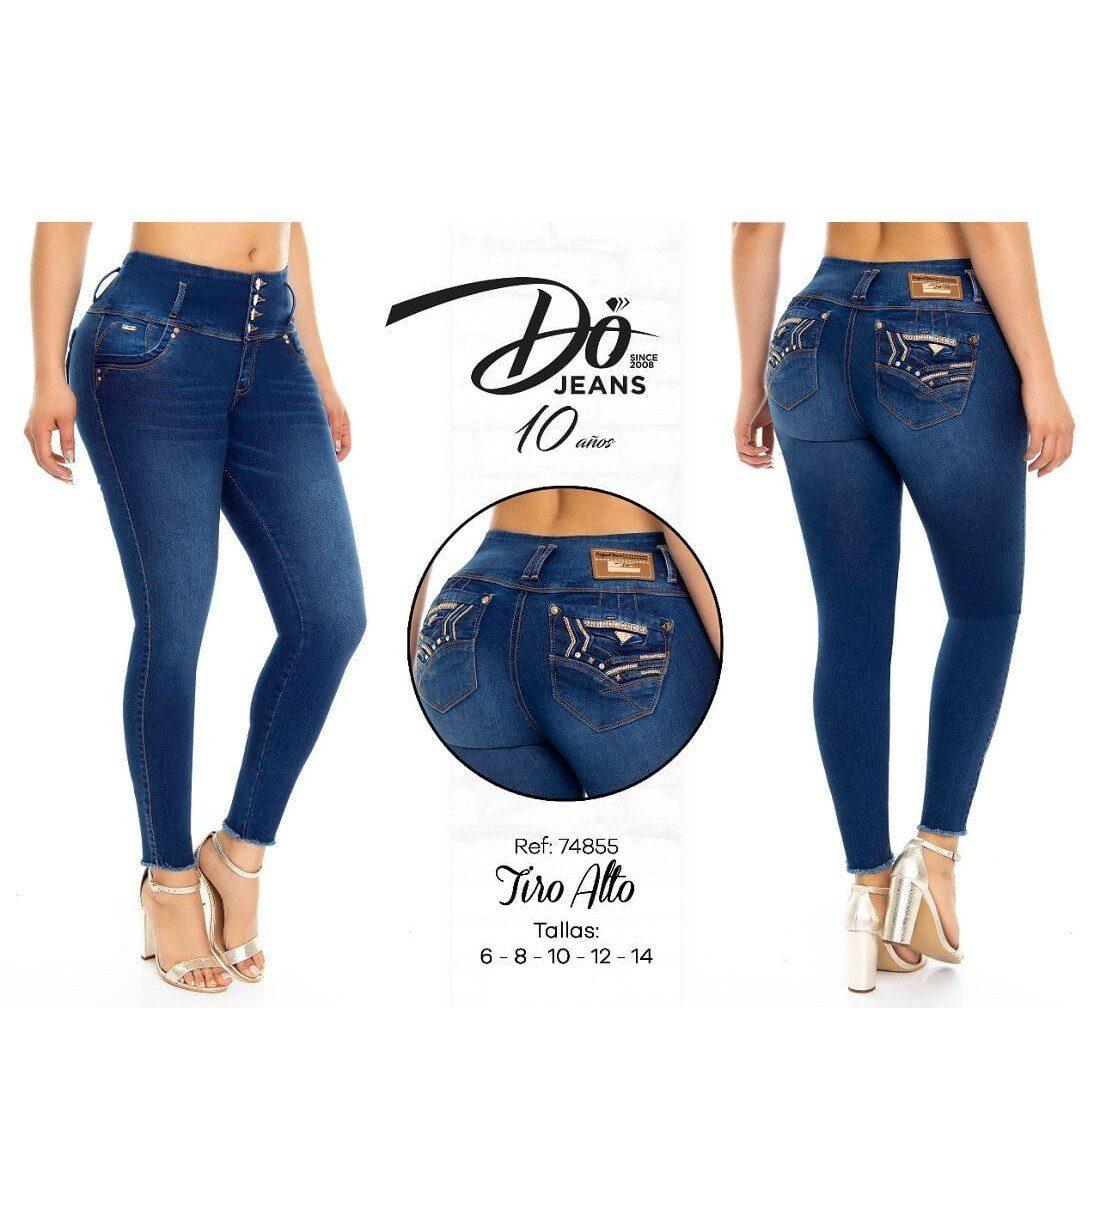 Pantalon Colombiano Do Jeans -74855